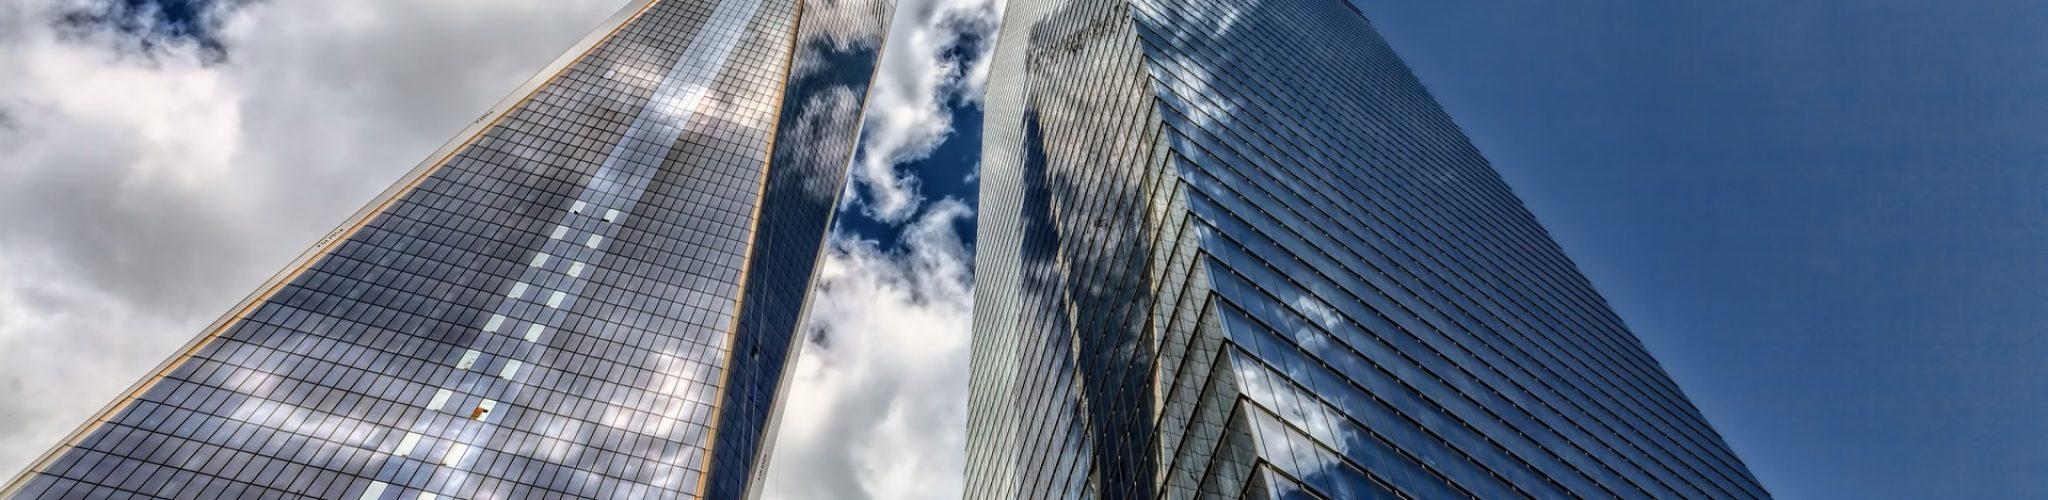 skyscraper-3094696_1920